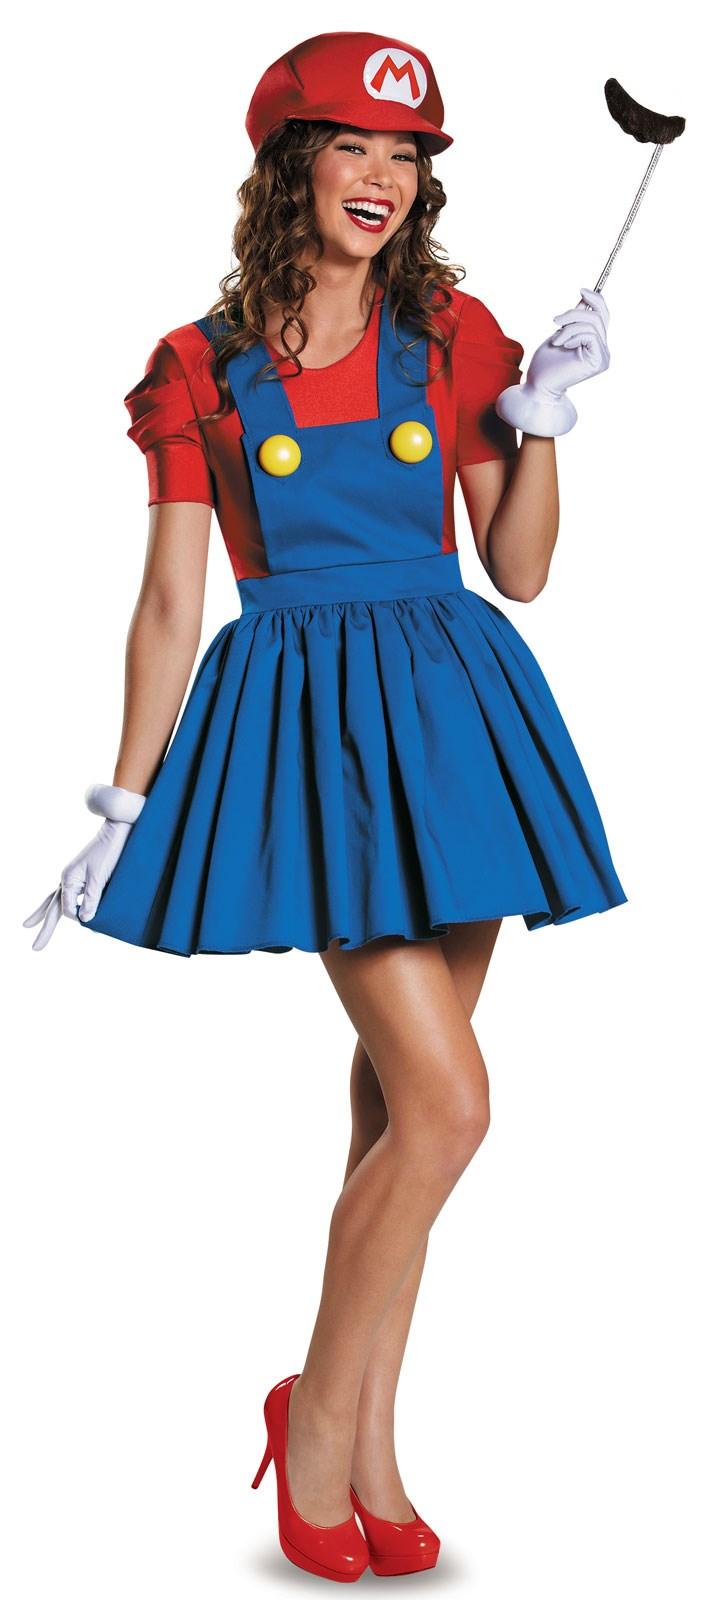 Super Mario: Mario Tween Costume With Skirt